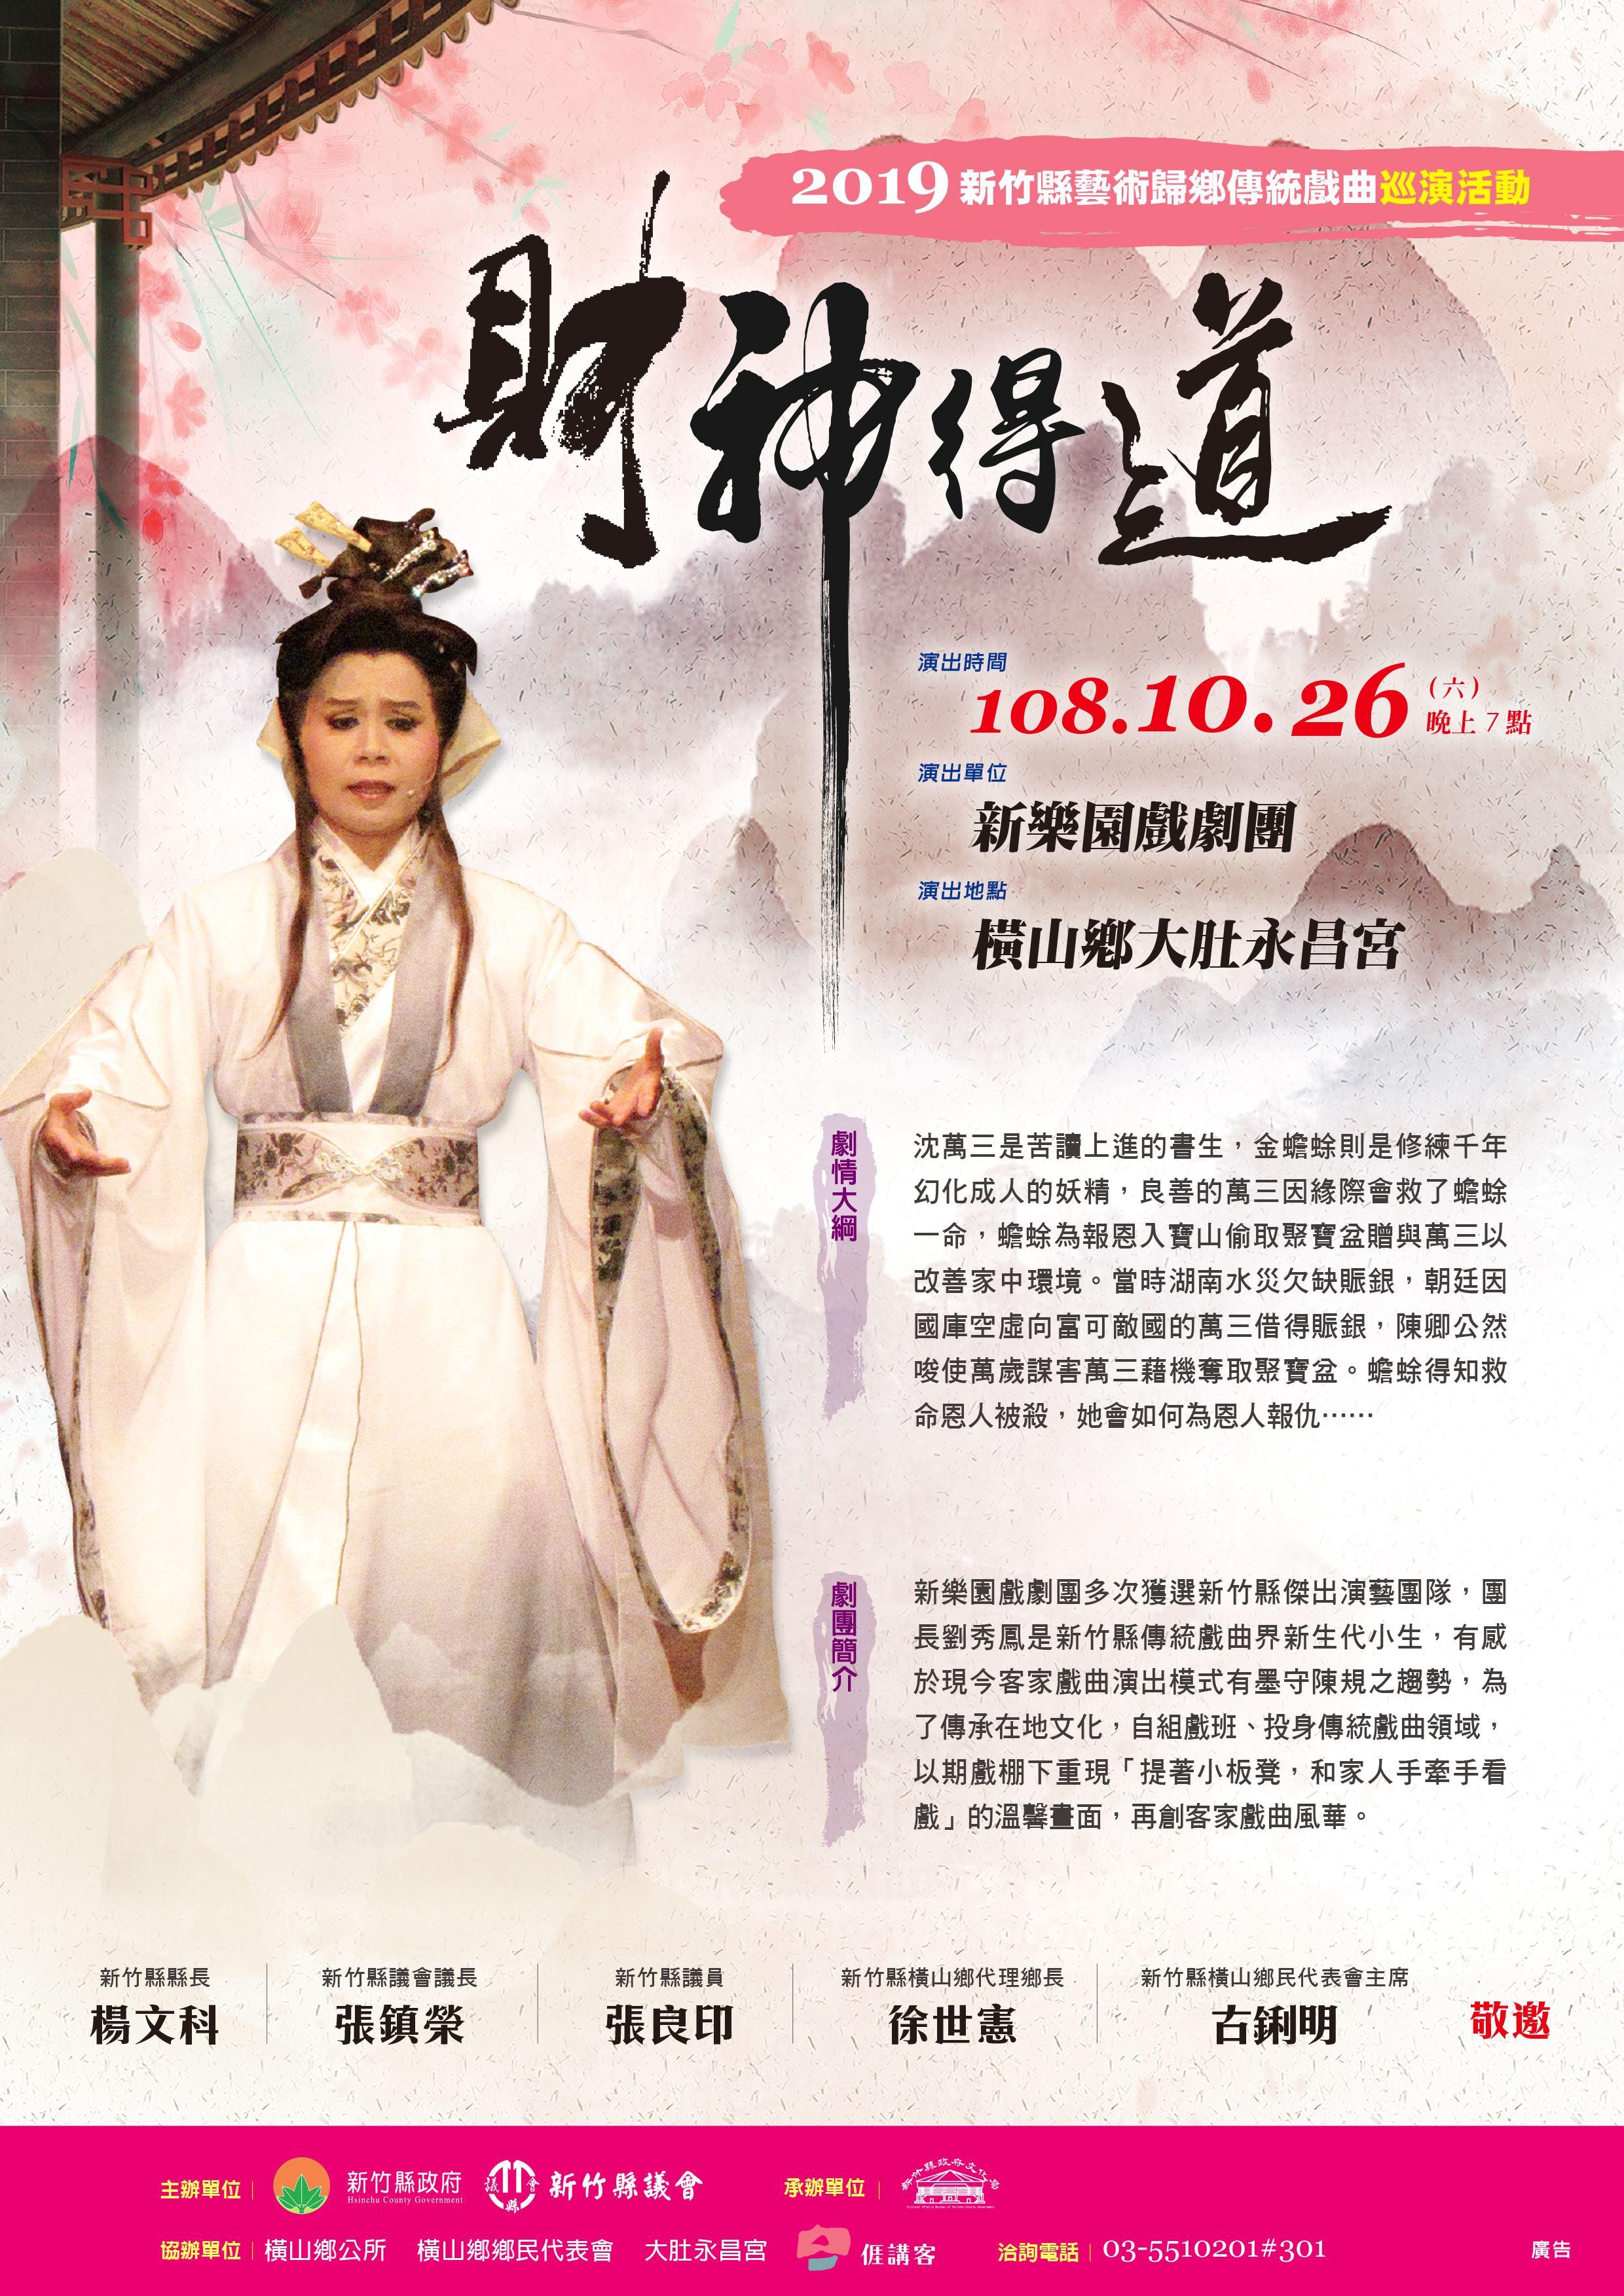 10/26客家大戲「財神得道」橫山鄉精彩登場